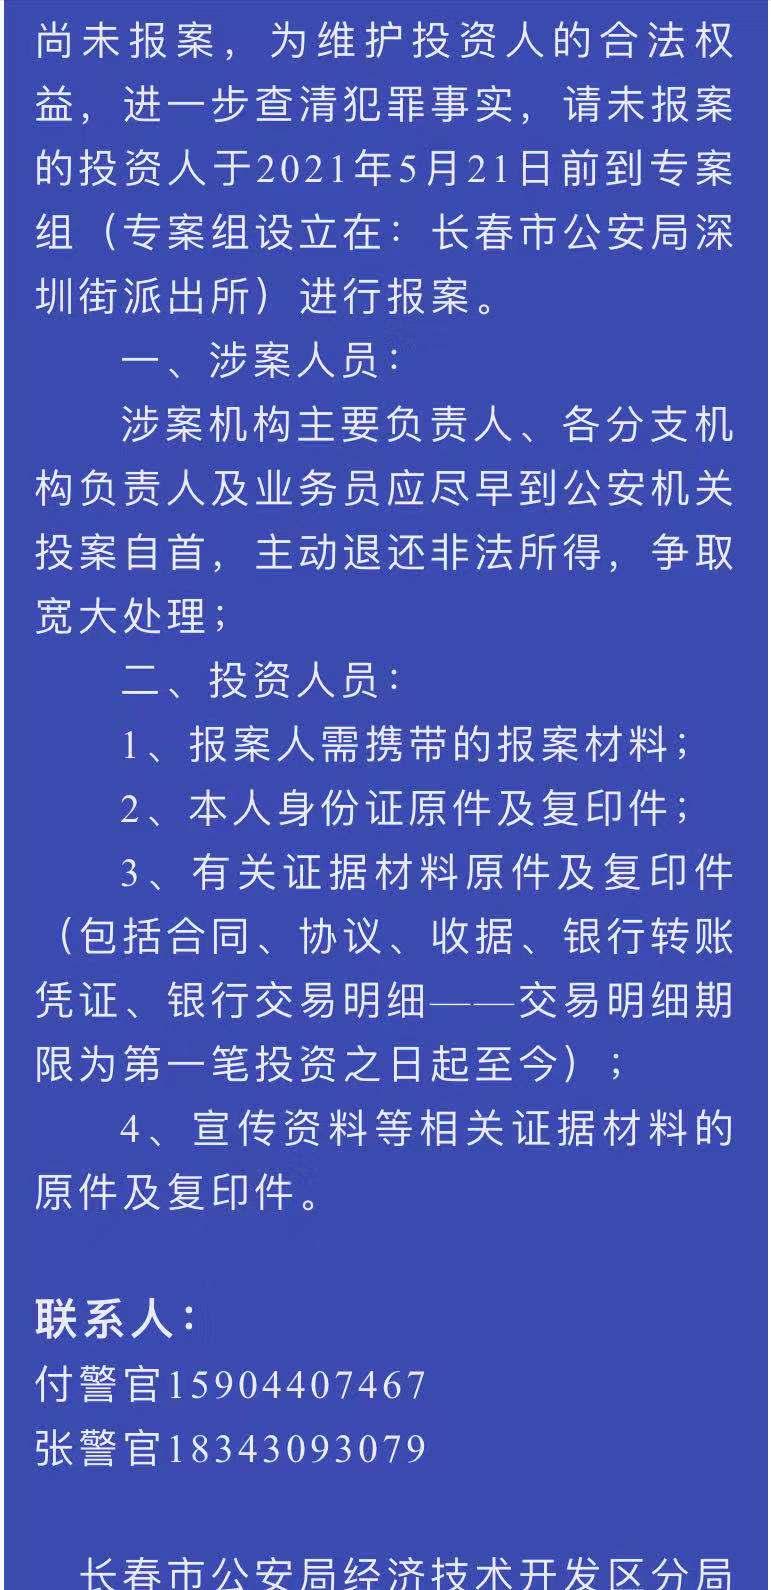 """长春警方发布""""龙腾春江""""涉嫌非法吸收公众存款案进展通告"""